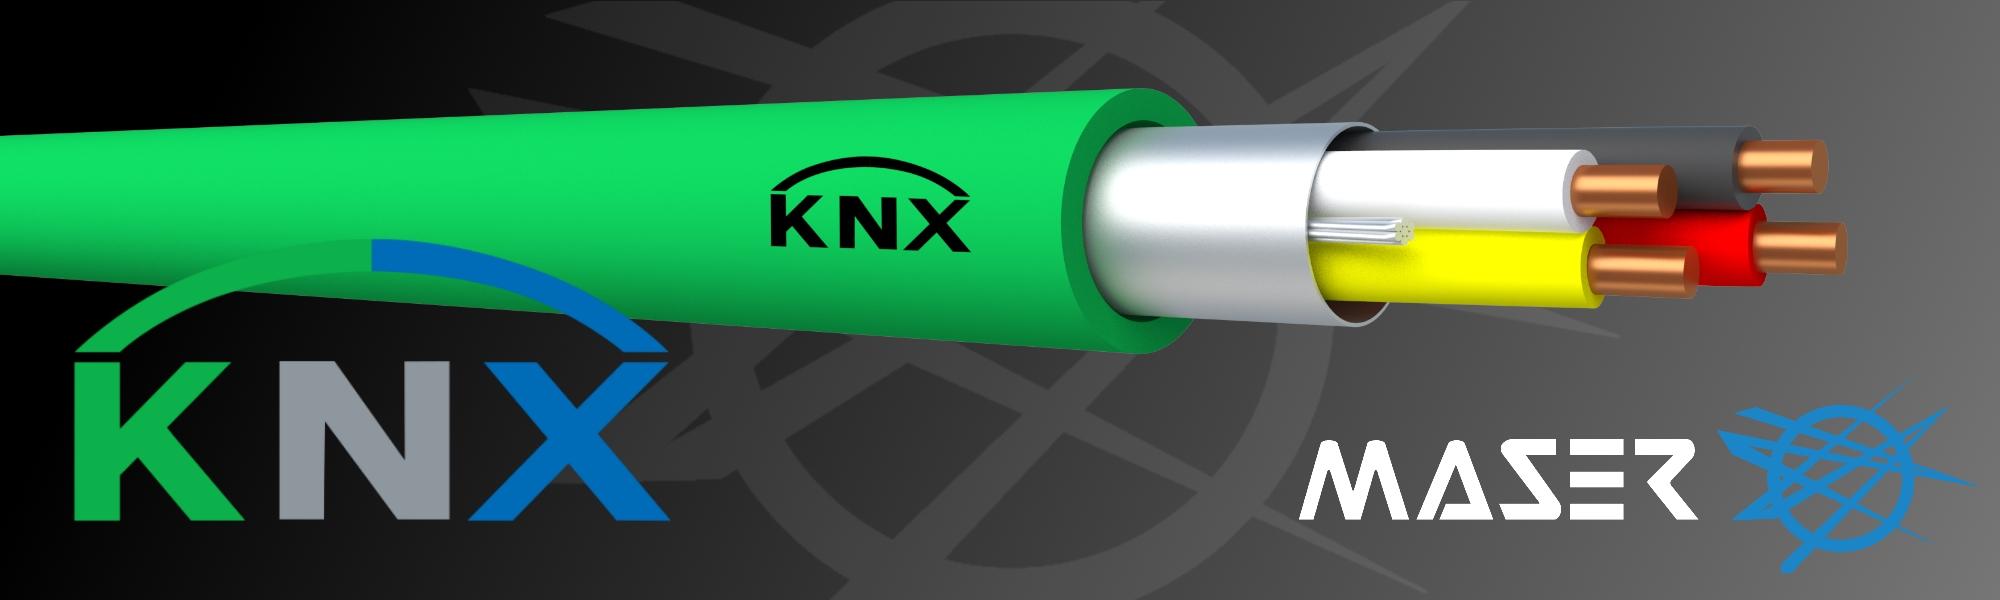 KNX banner